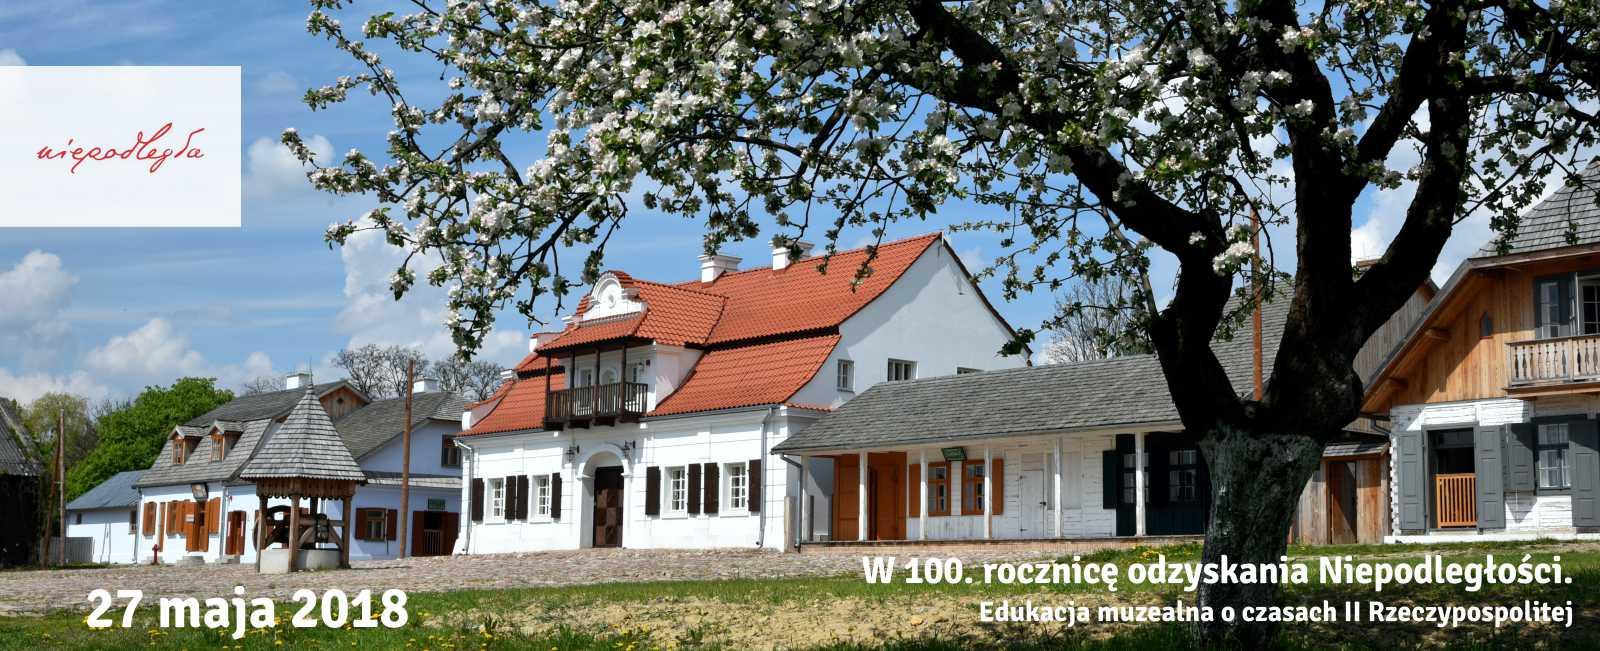 Edukacja muzealna o czasach II Rzeczypospolitej